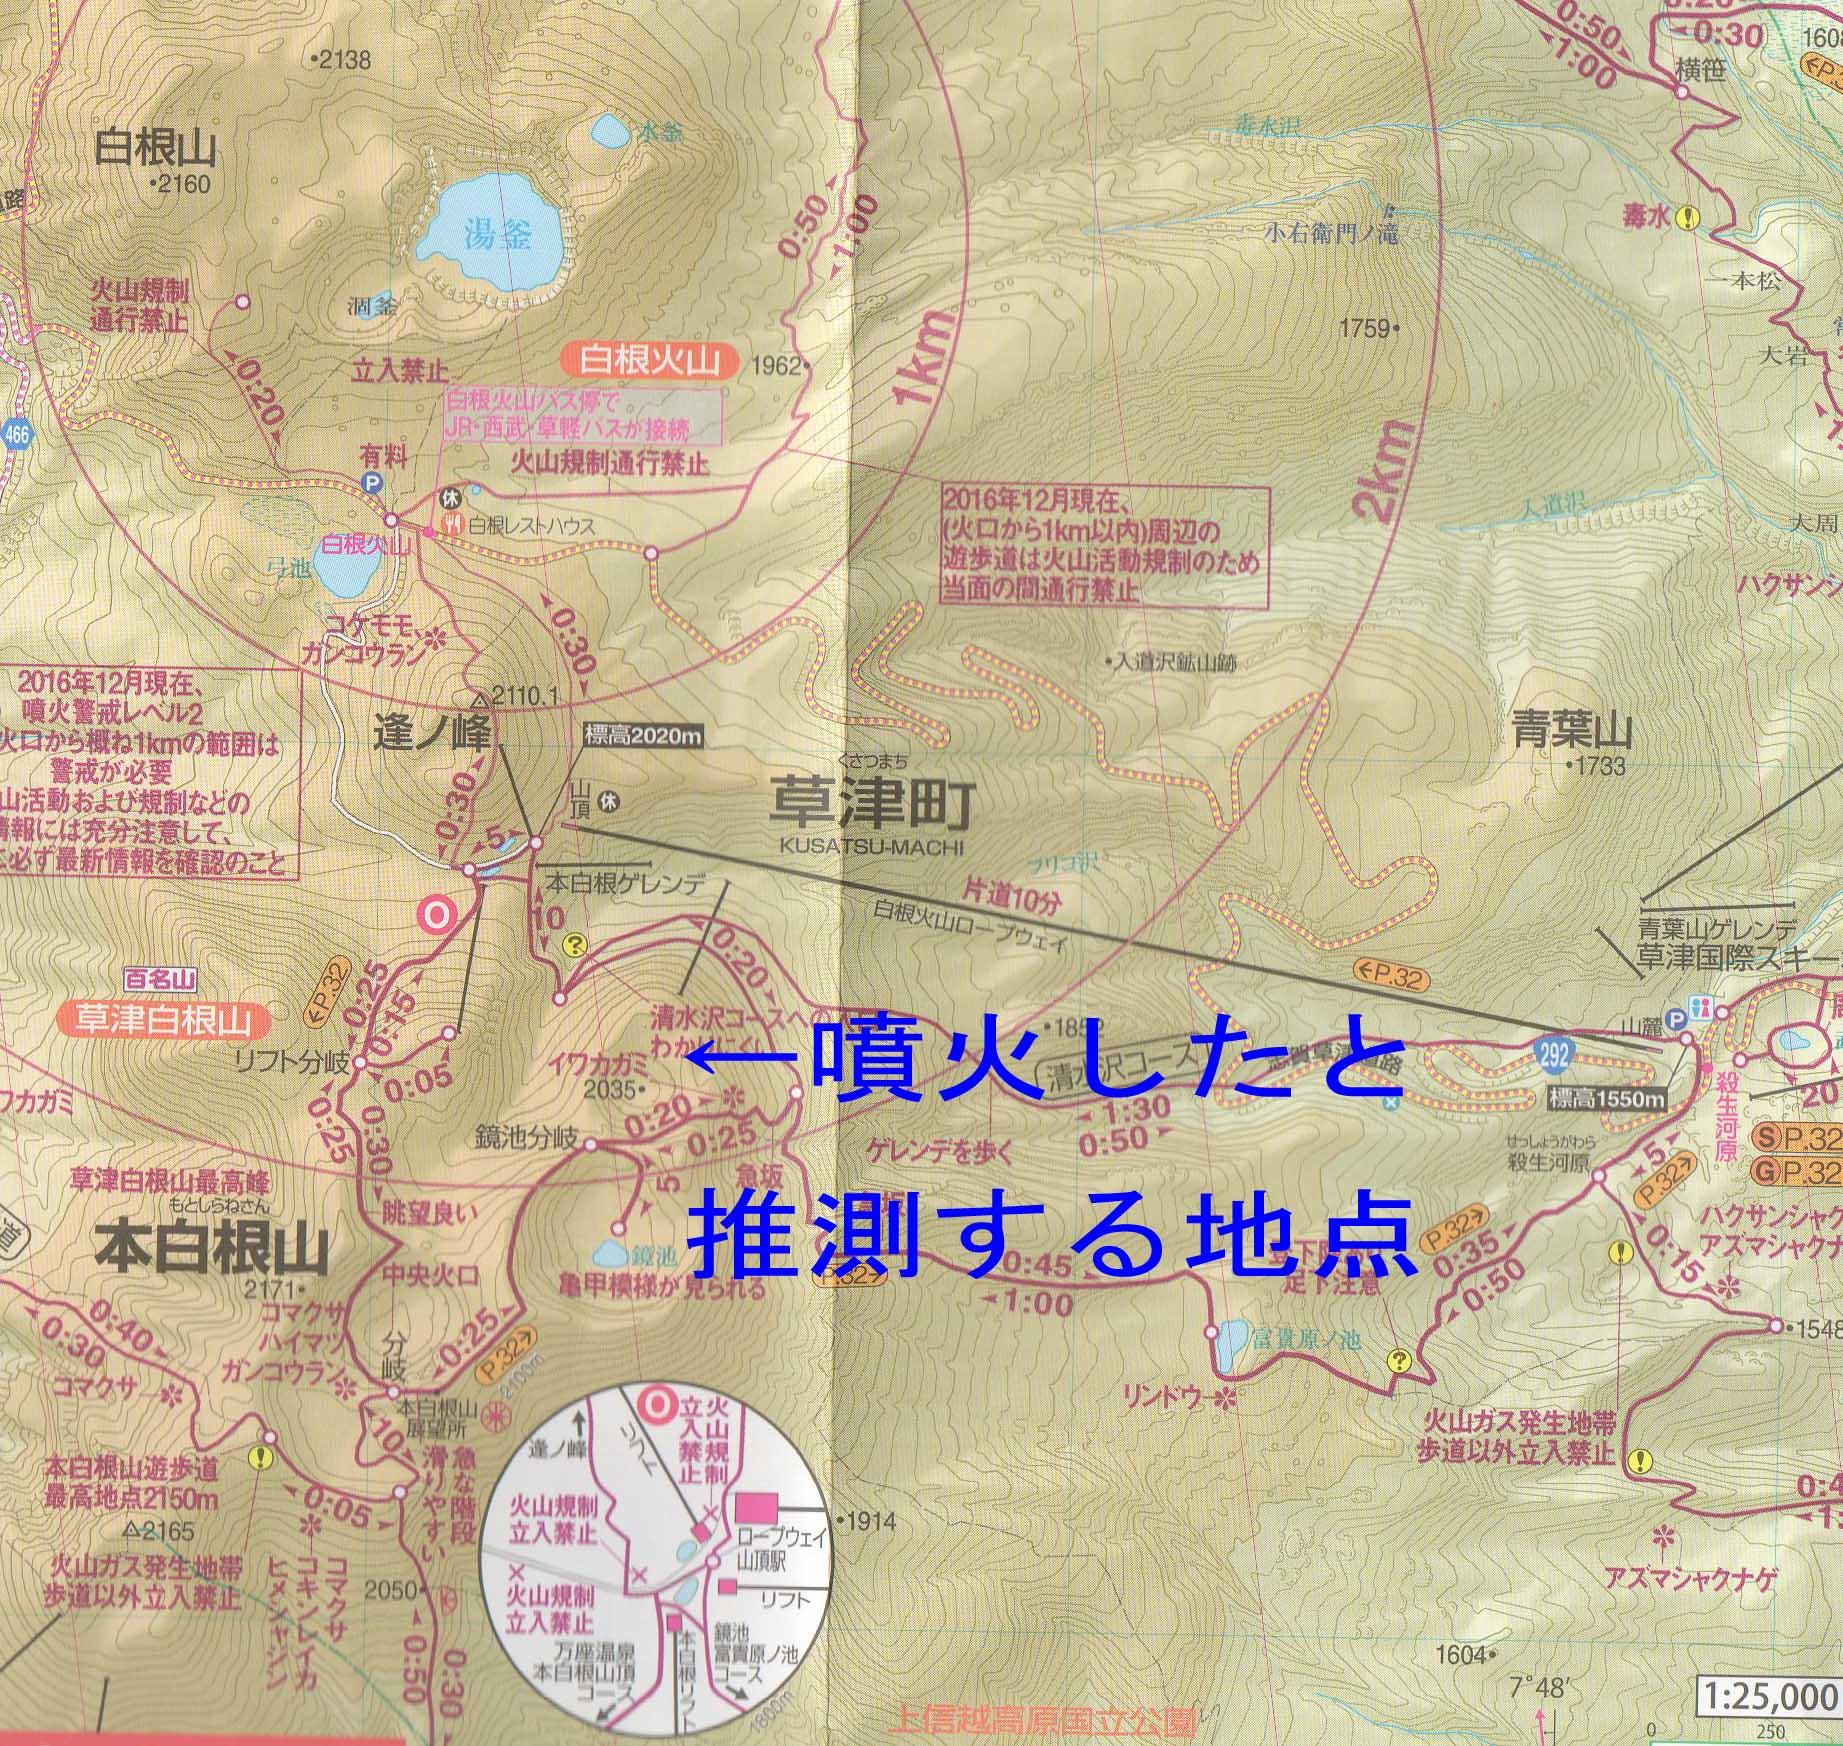 噴火推測地点